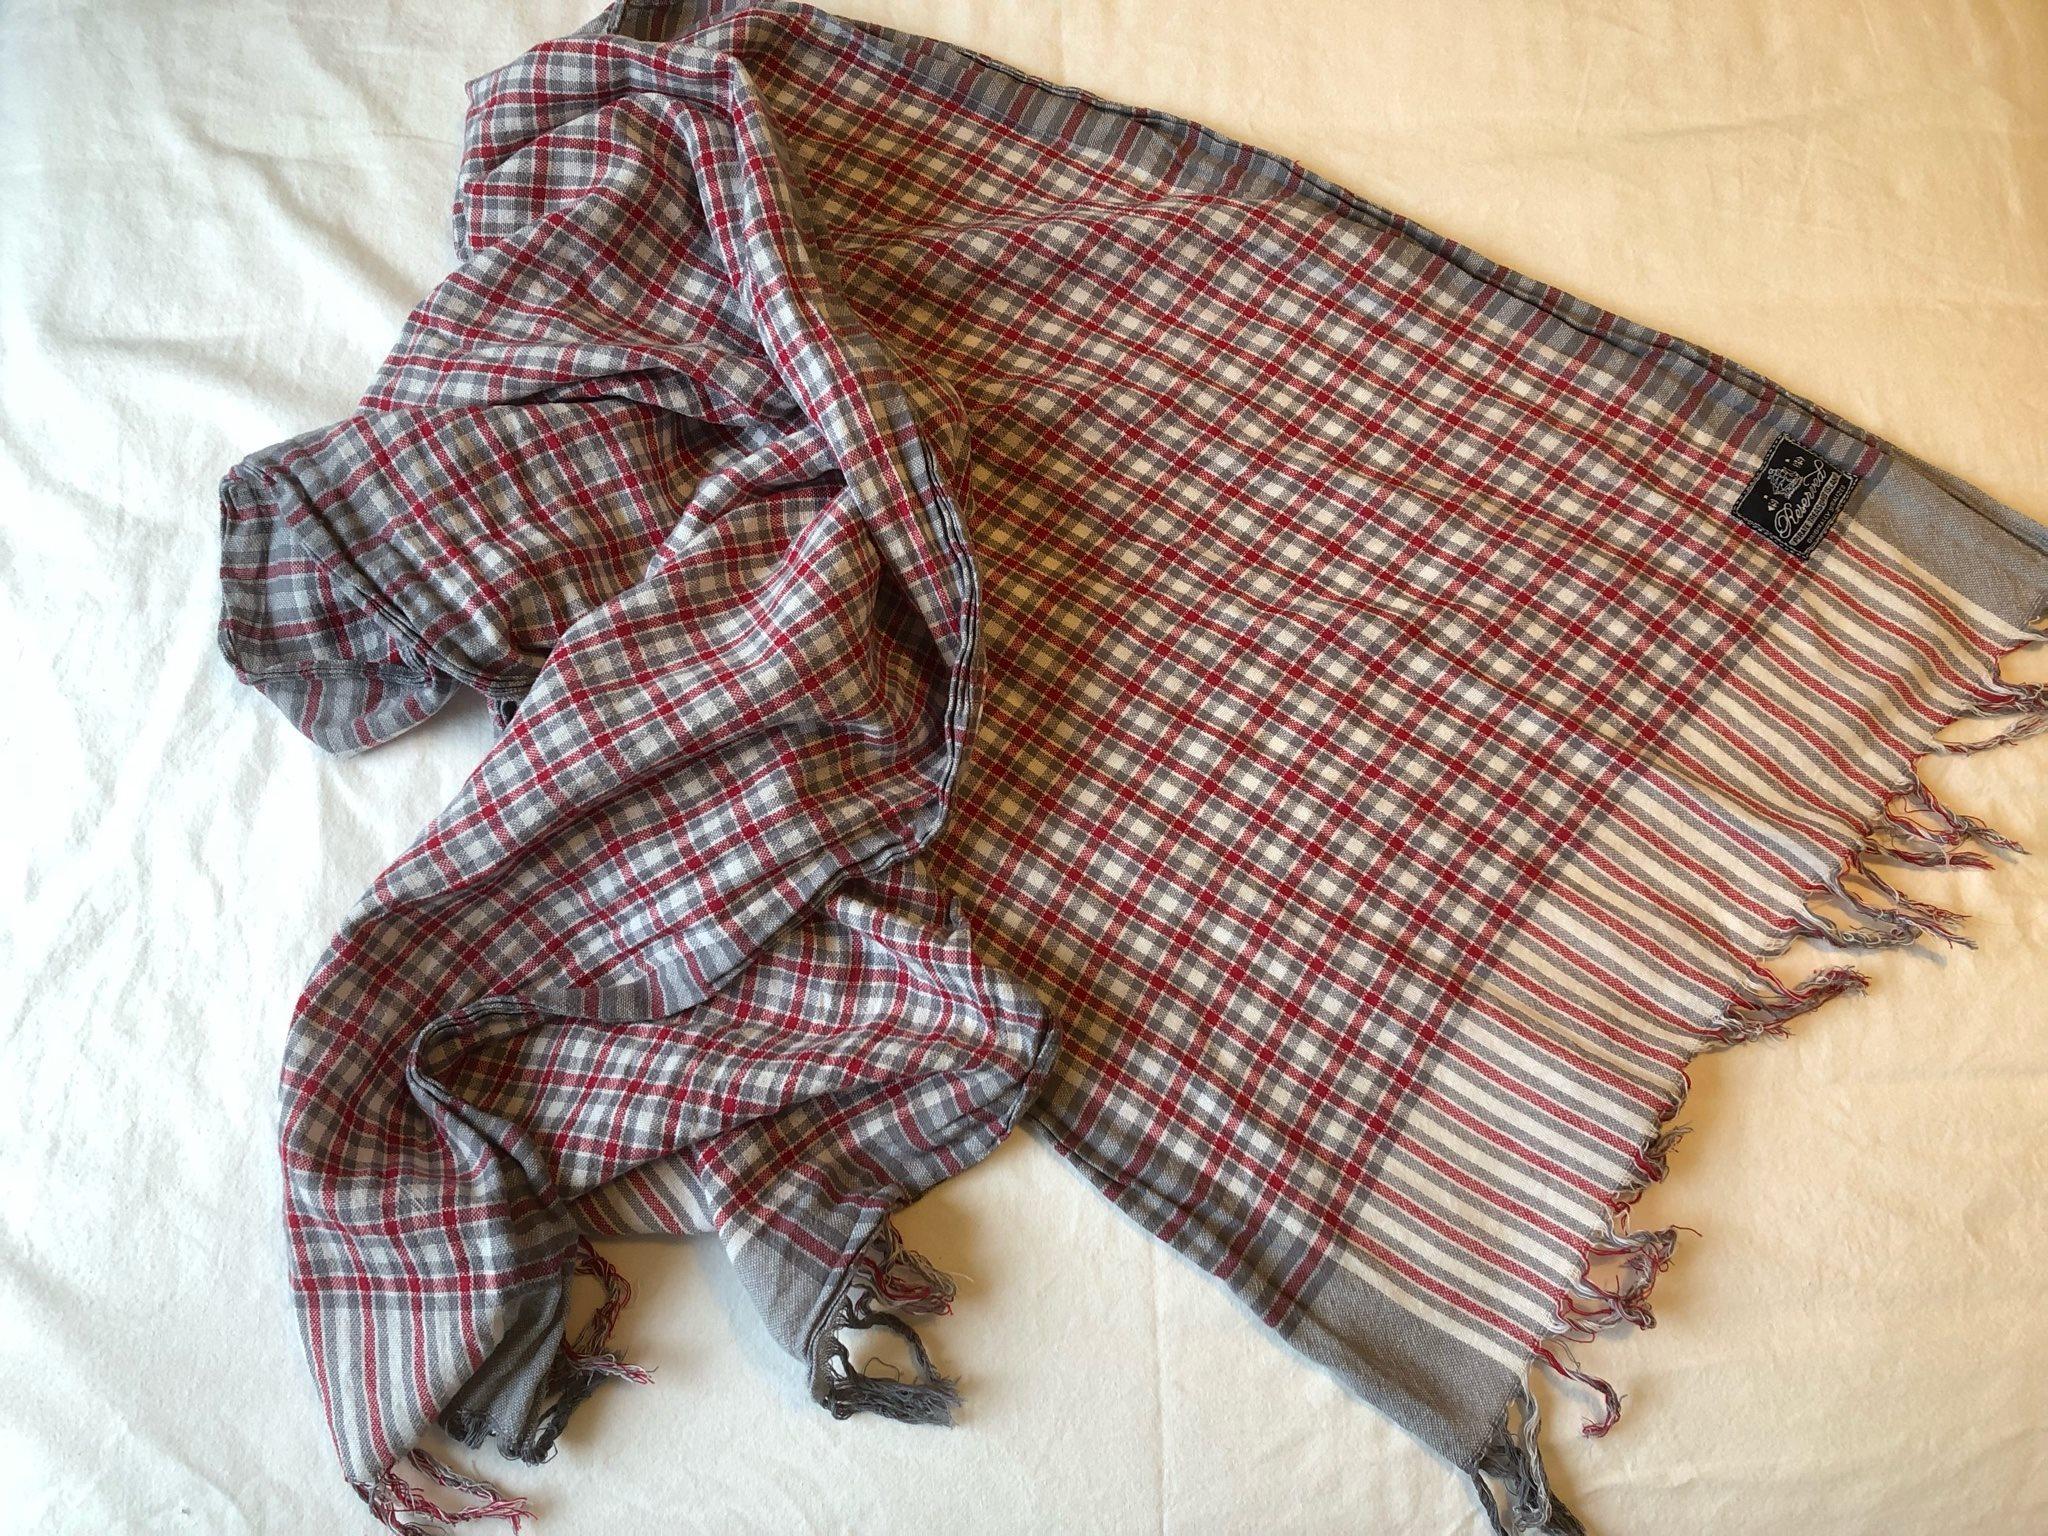 Vit grå röd sjal med fransar 996cfd817c940